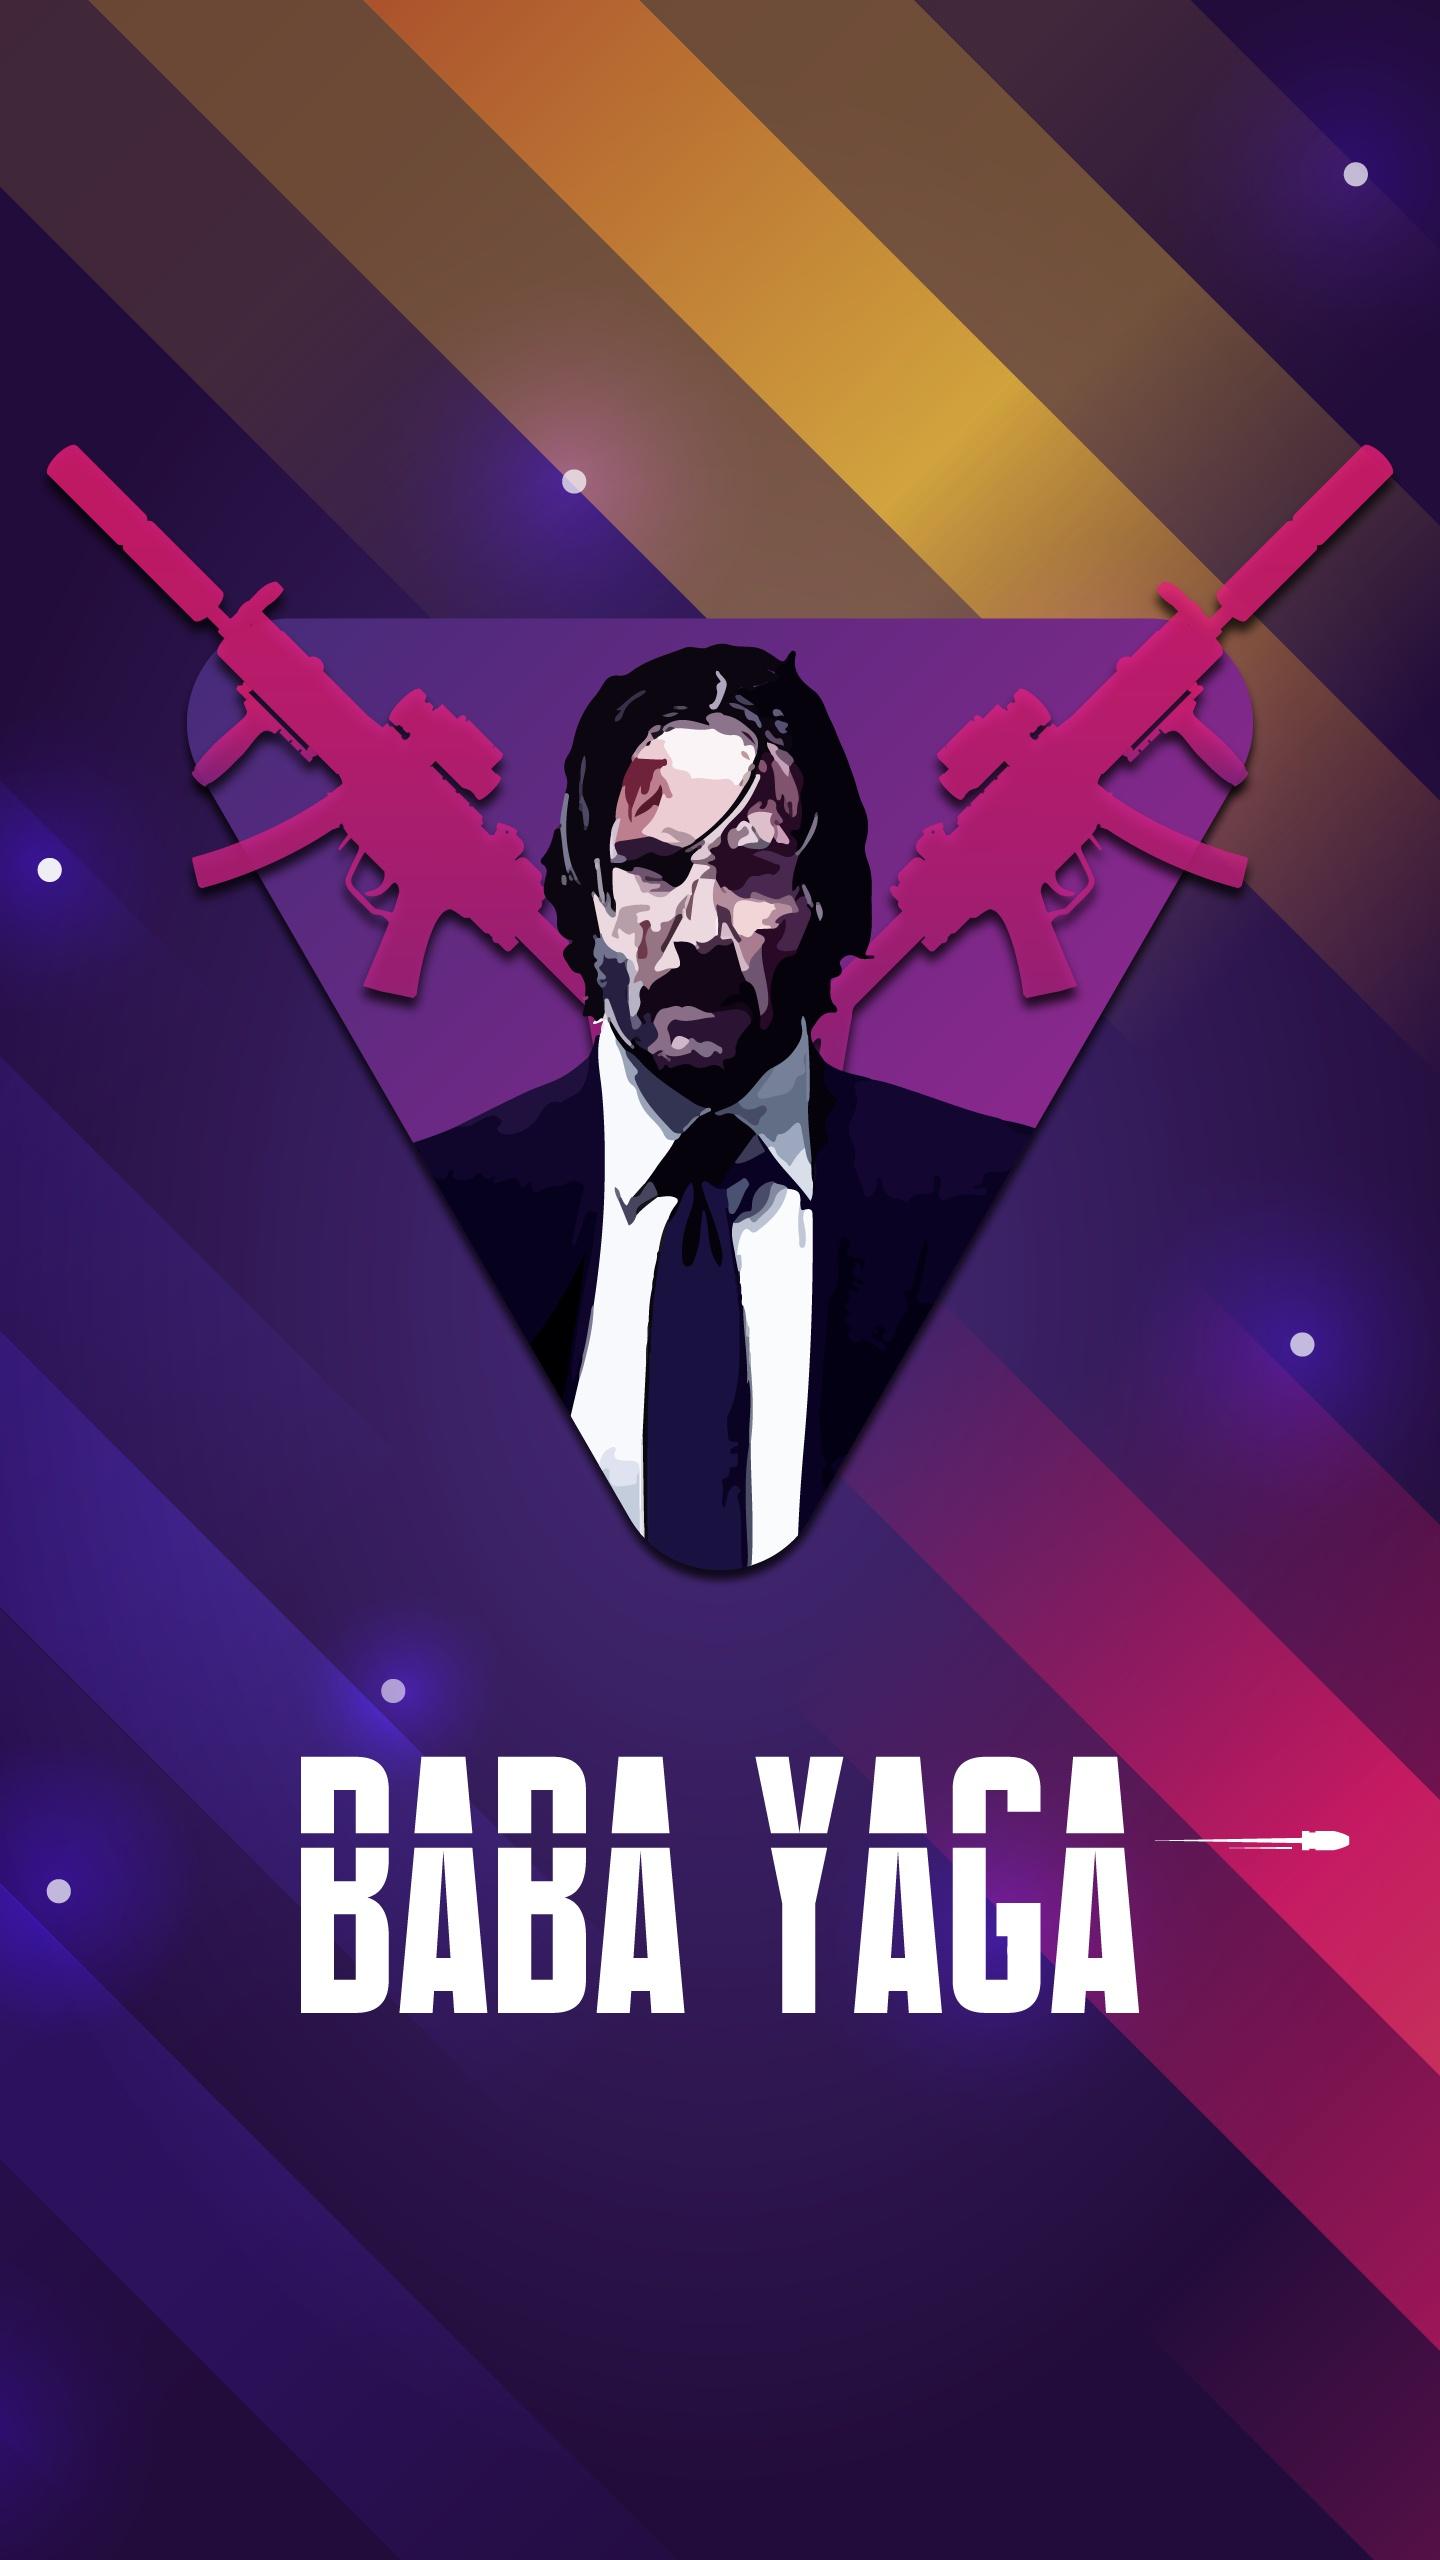 John Wick Baba Yaga iPhone Wallpaper